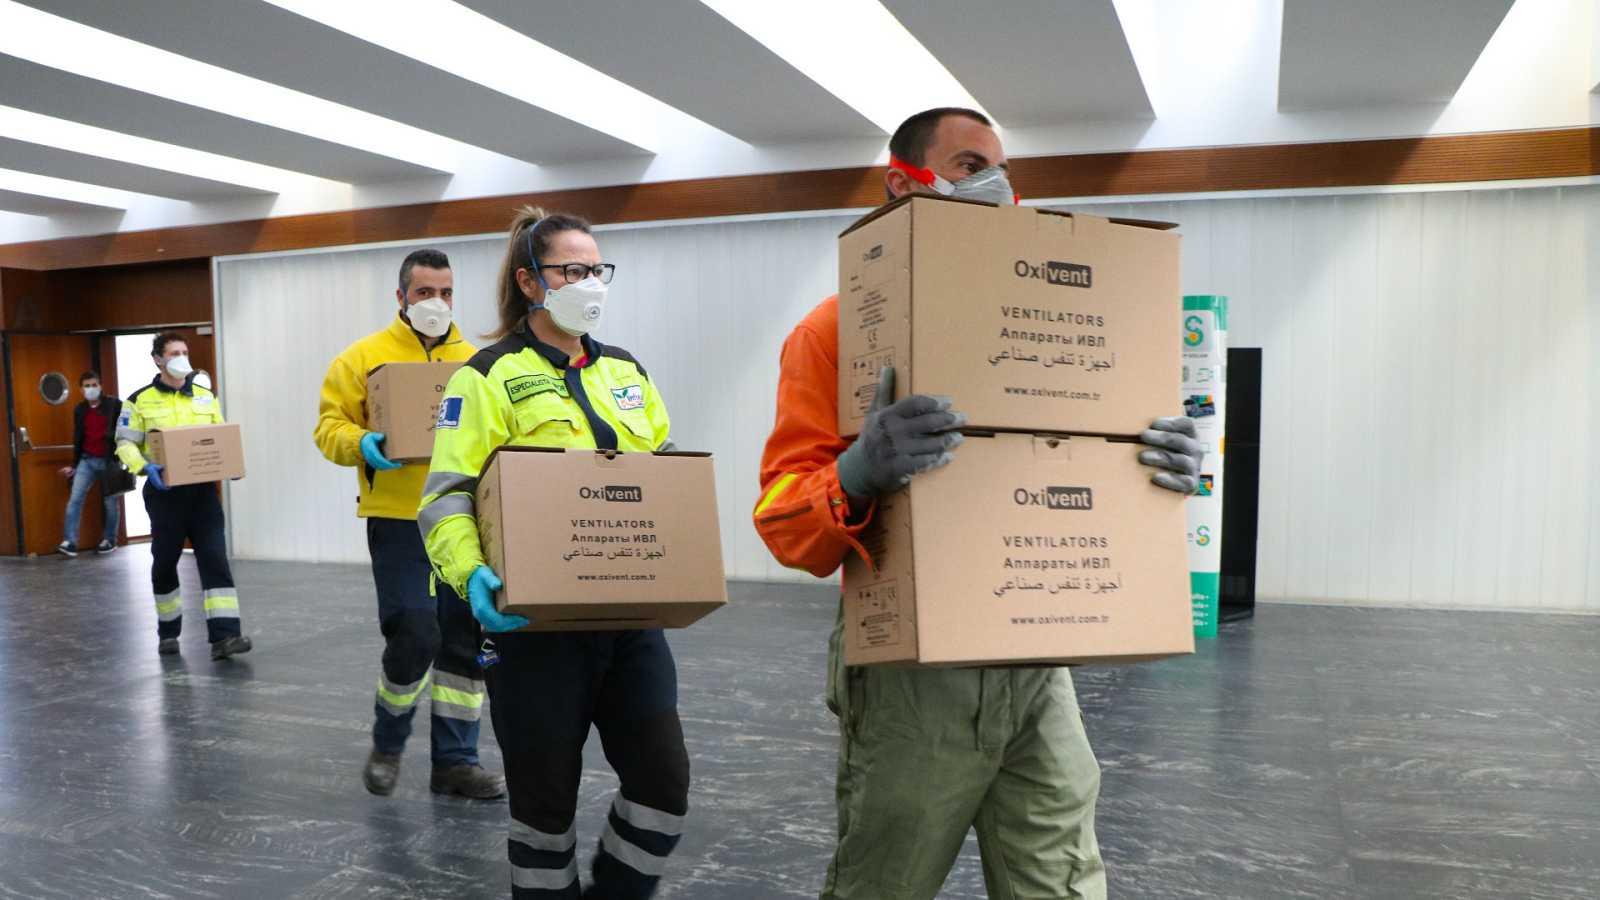 Según su Consejería de Sanidad, Castilla-La Mancha ha multiplicado por cuatro el número de respiradores desde el inicio de la pandemia